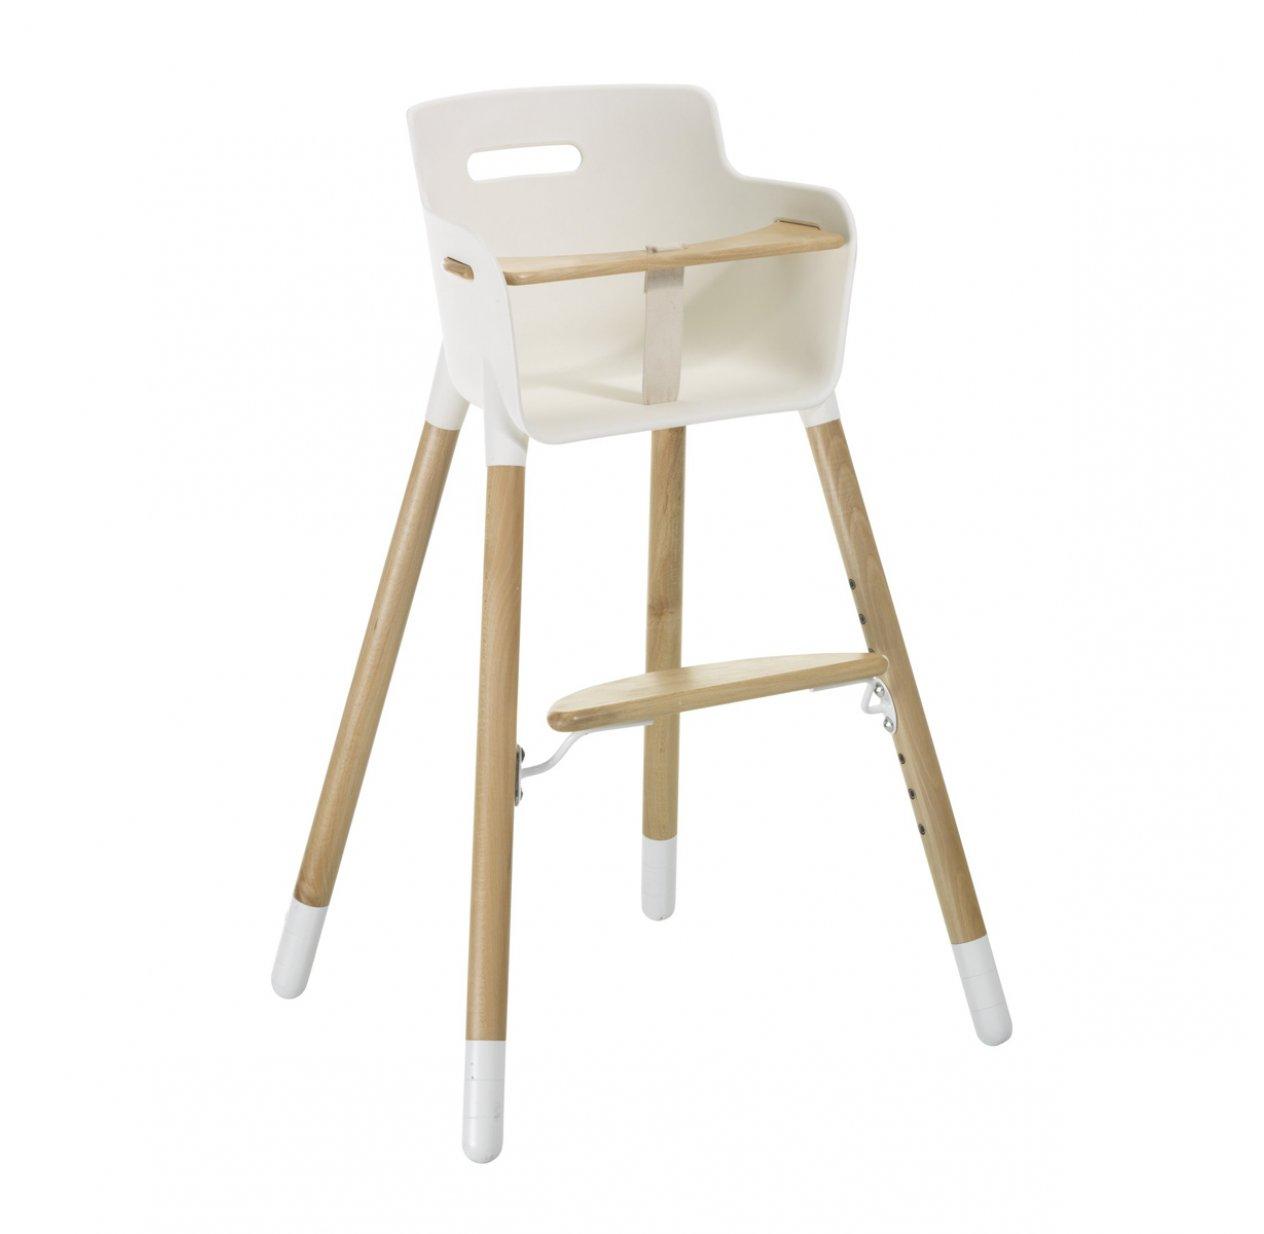 chaise haute volutive h tre flexa pour chambre enfant. Black Bedroom Furniture Sets. Home Design Ideas